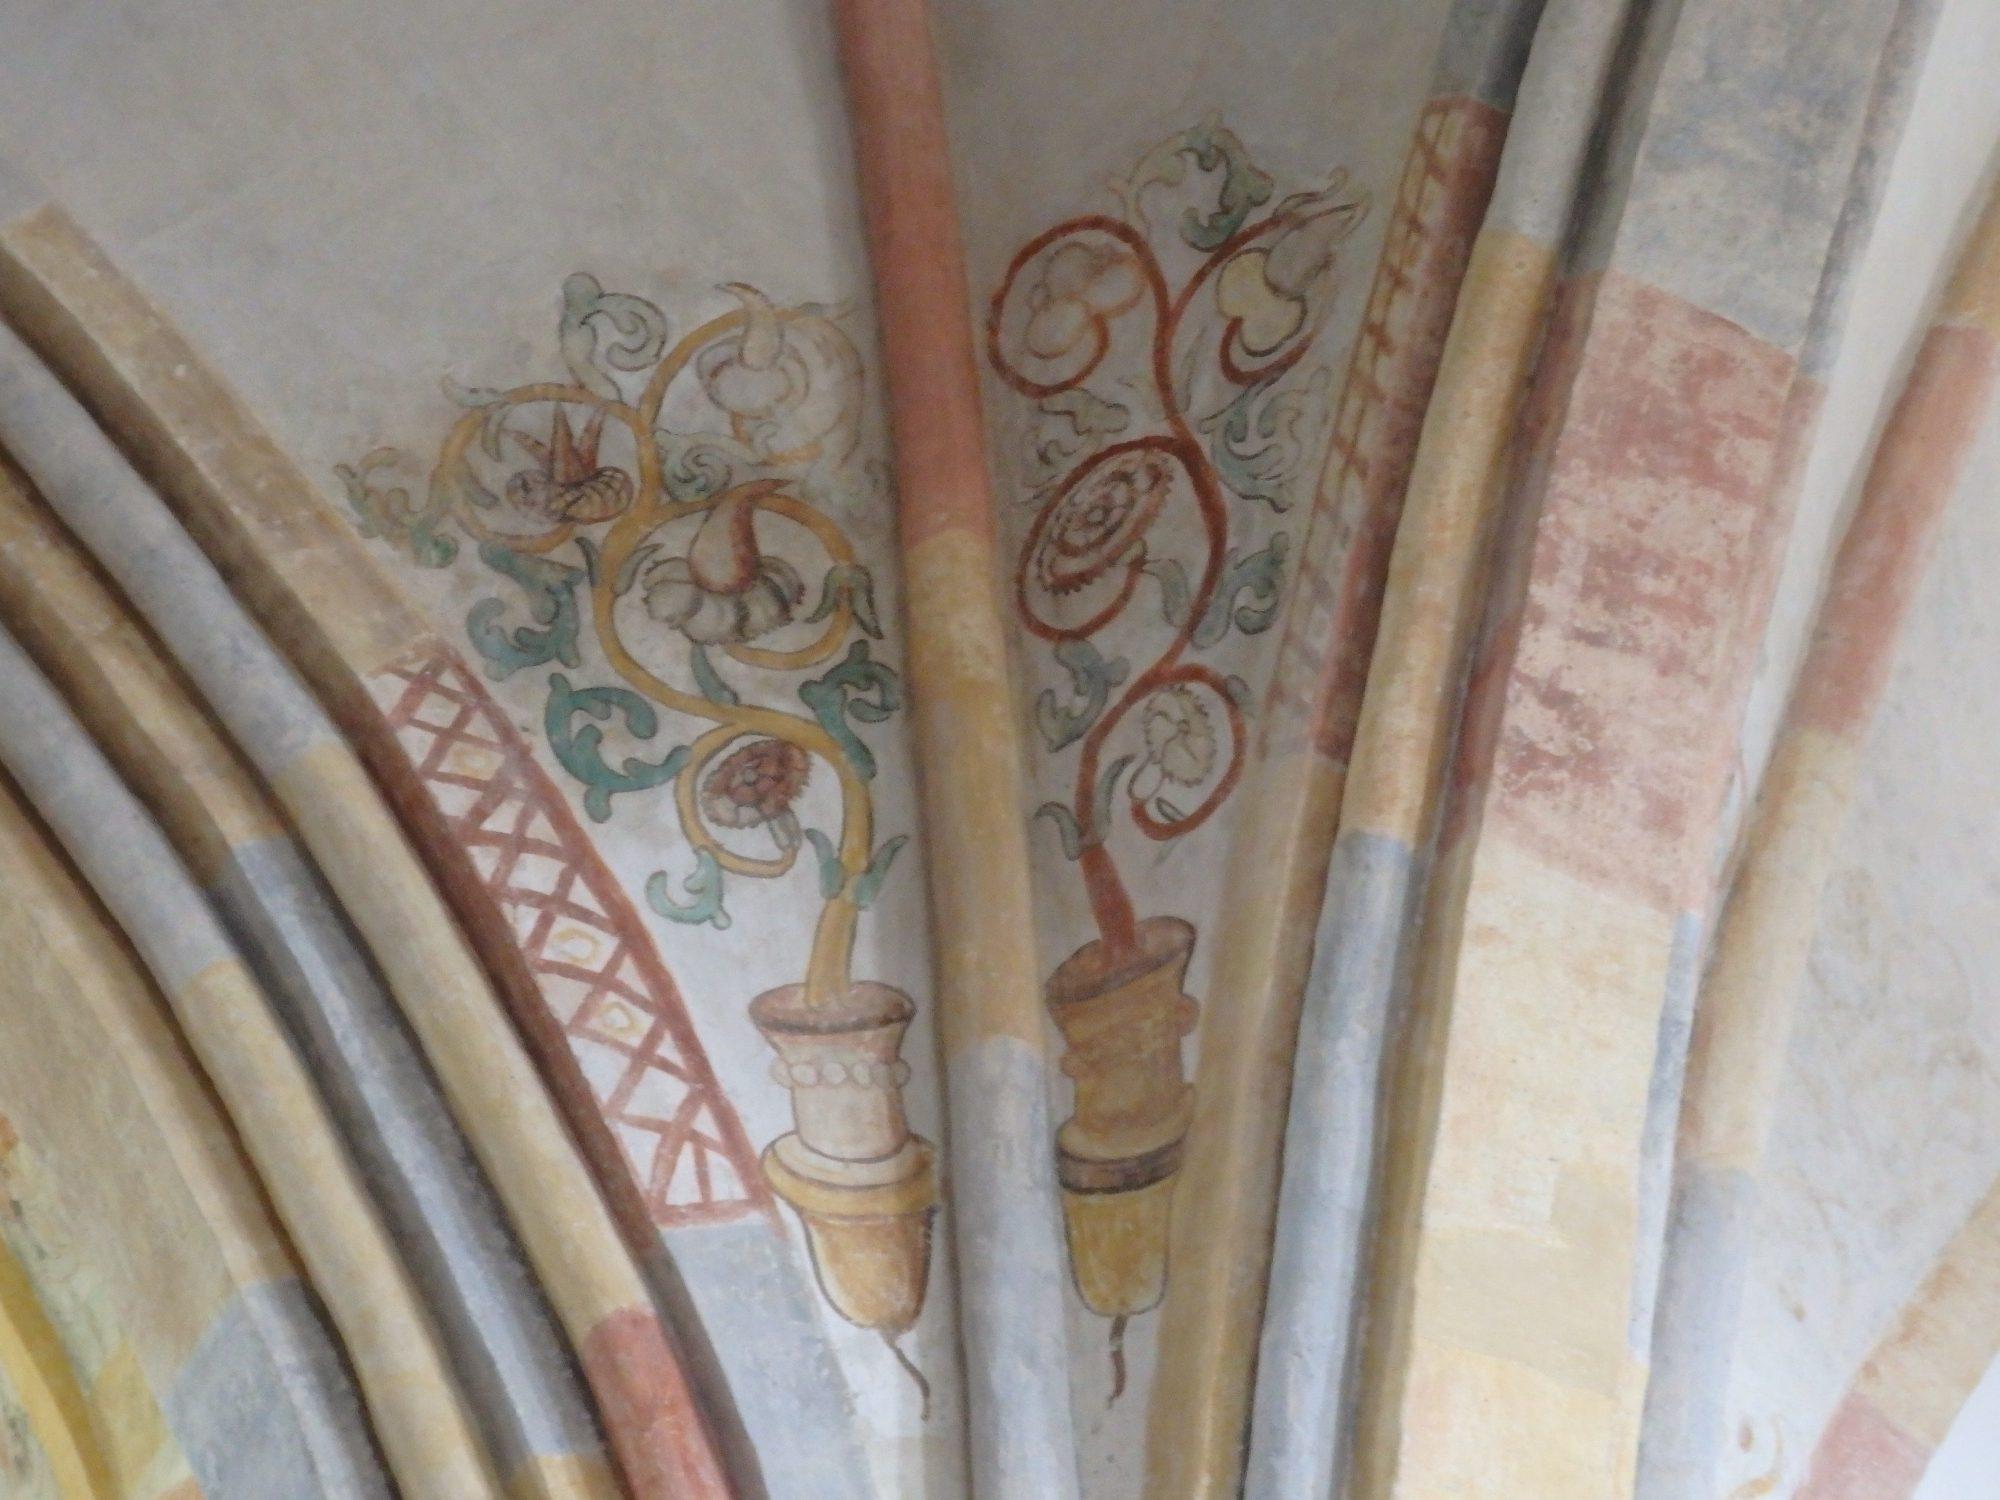 a remnant of a fresco in Garmerwolde church in Groningen province